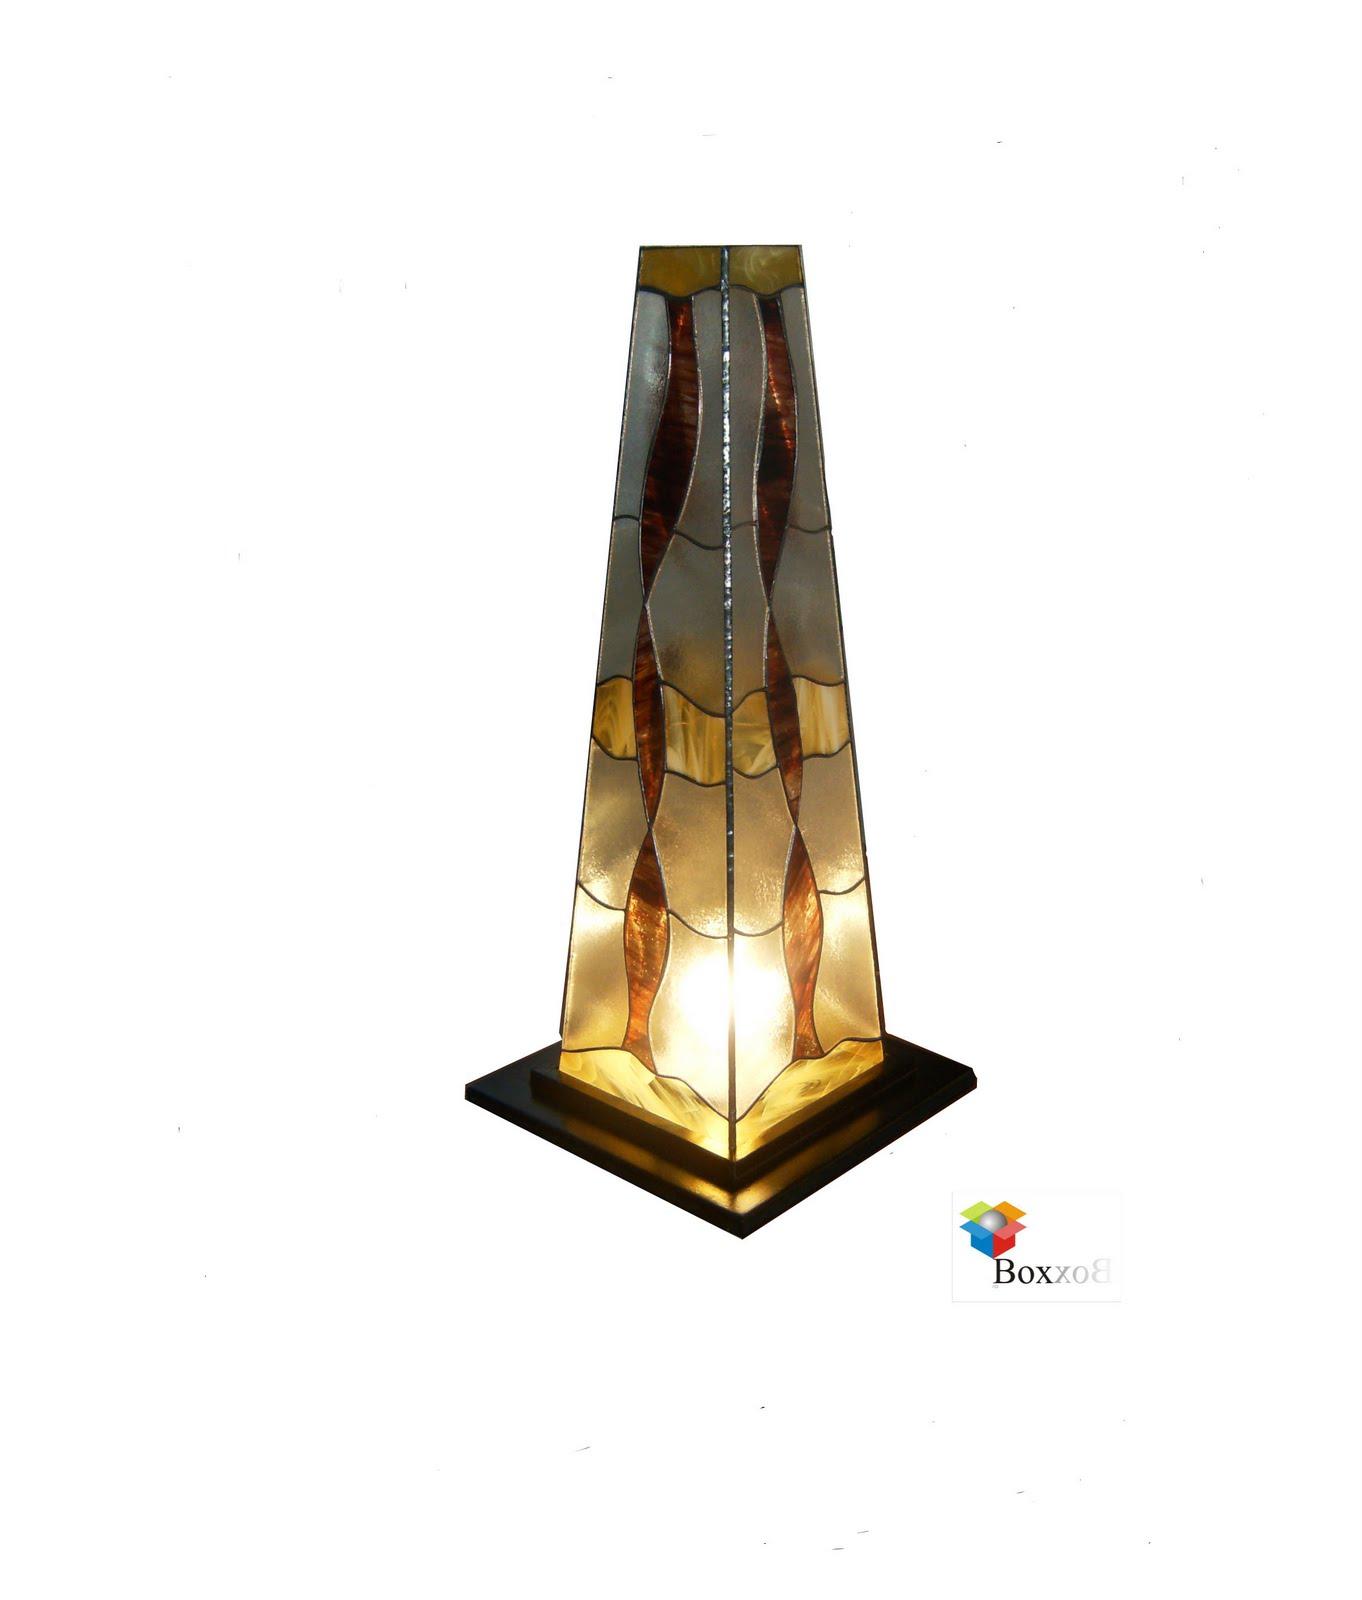 Box interior design lampara vitral de piso for Comedor japones bogota